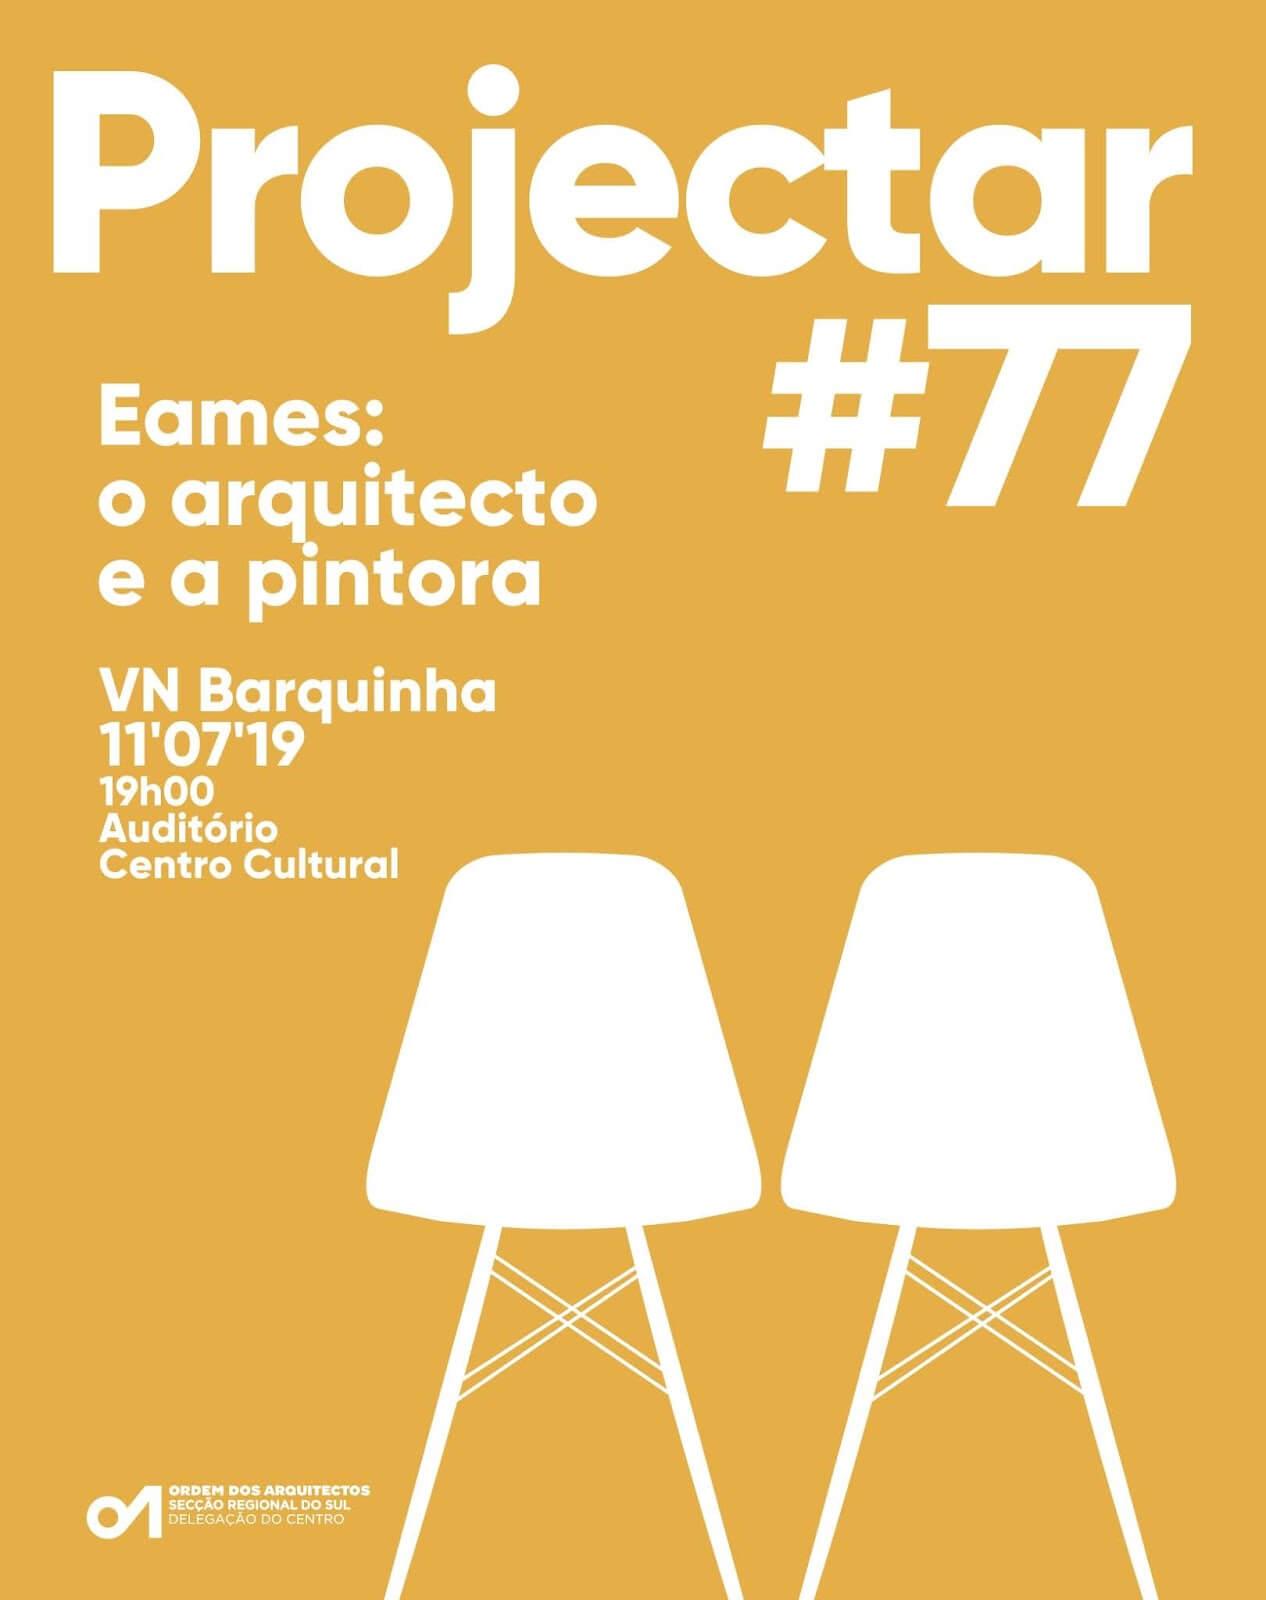 Projectar #77: EAMES o arquitecto e a pintora